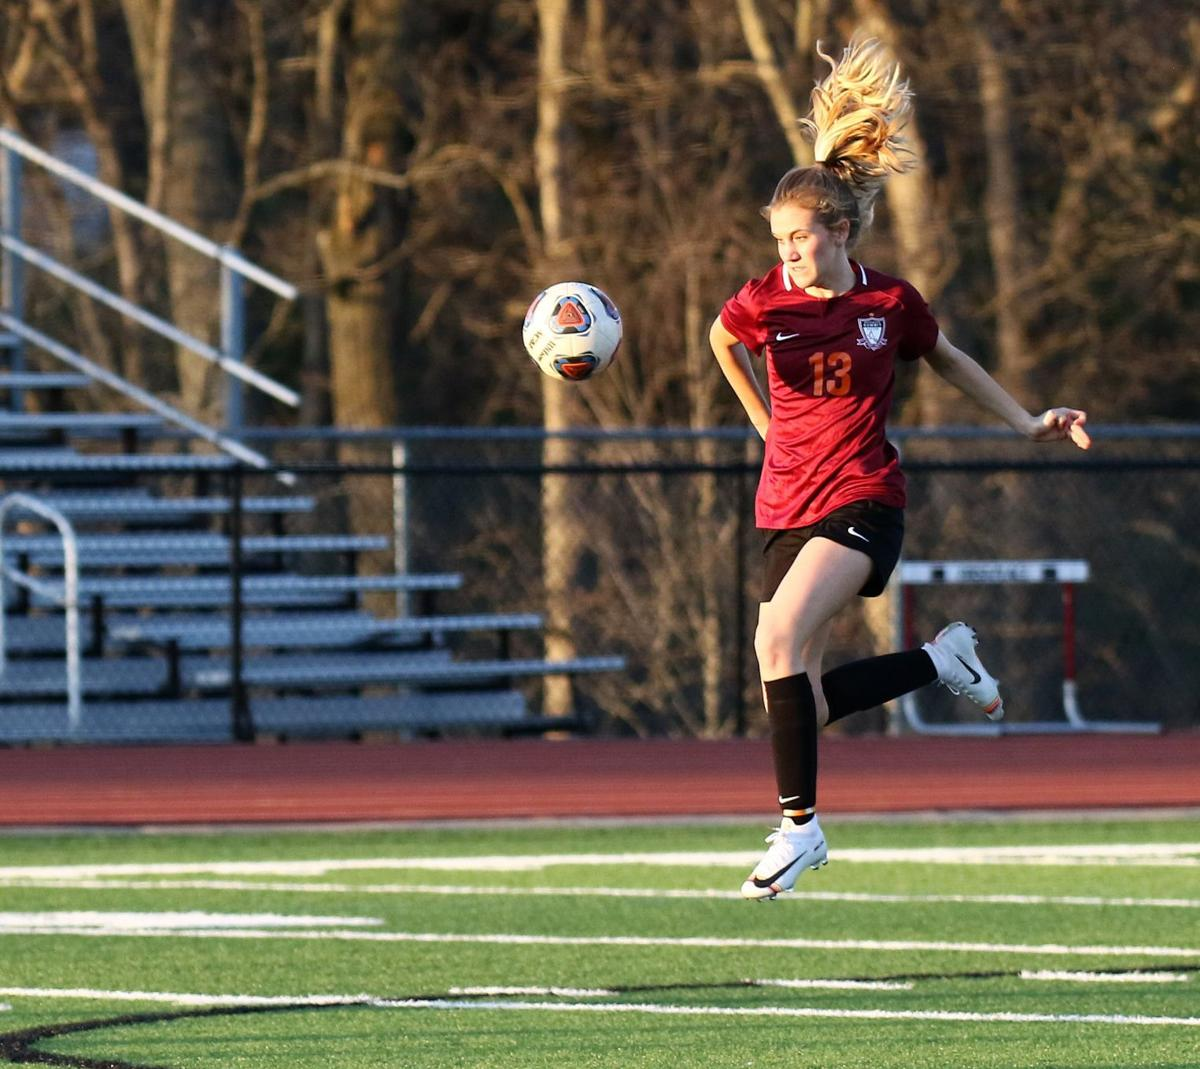 Summit vs. Webster Groves girls soccer